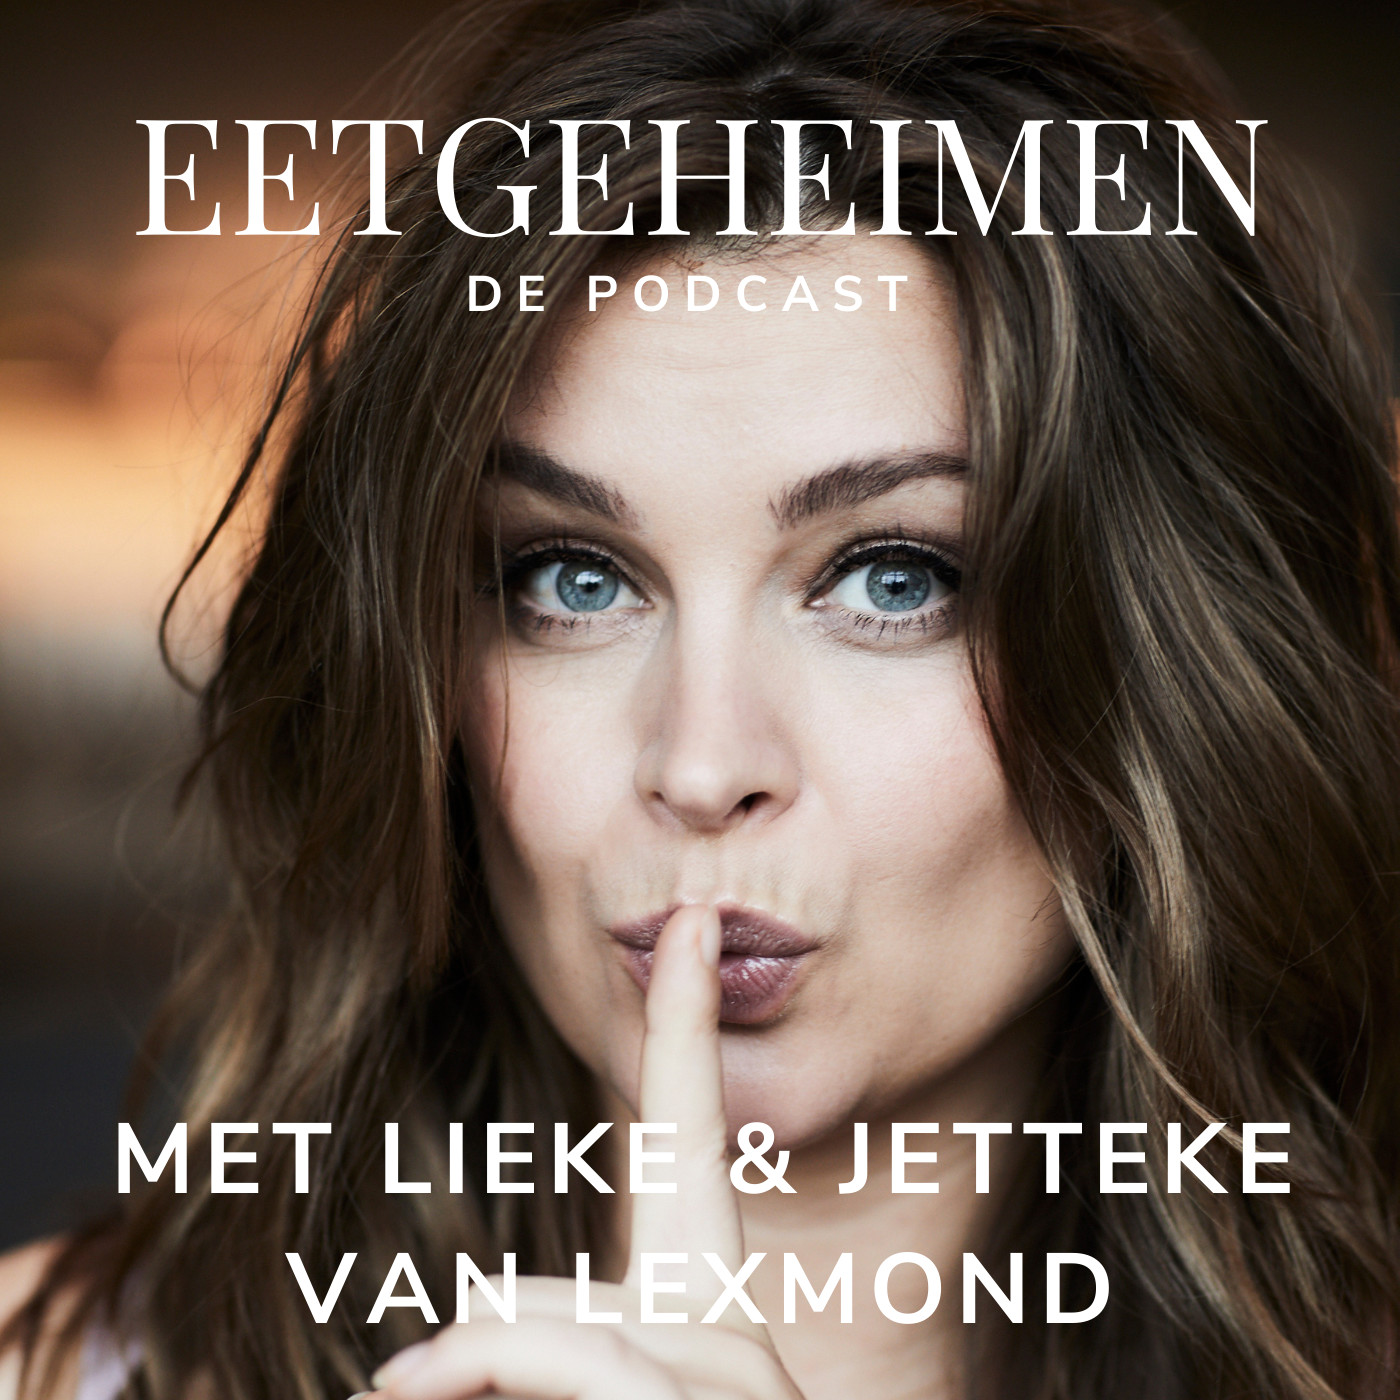 #4 - Trailer Lieke en Jetteke van Lexmond